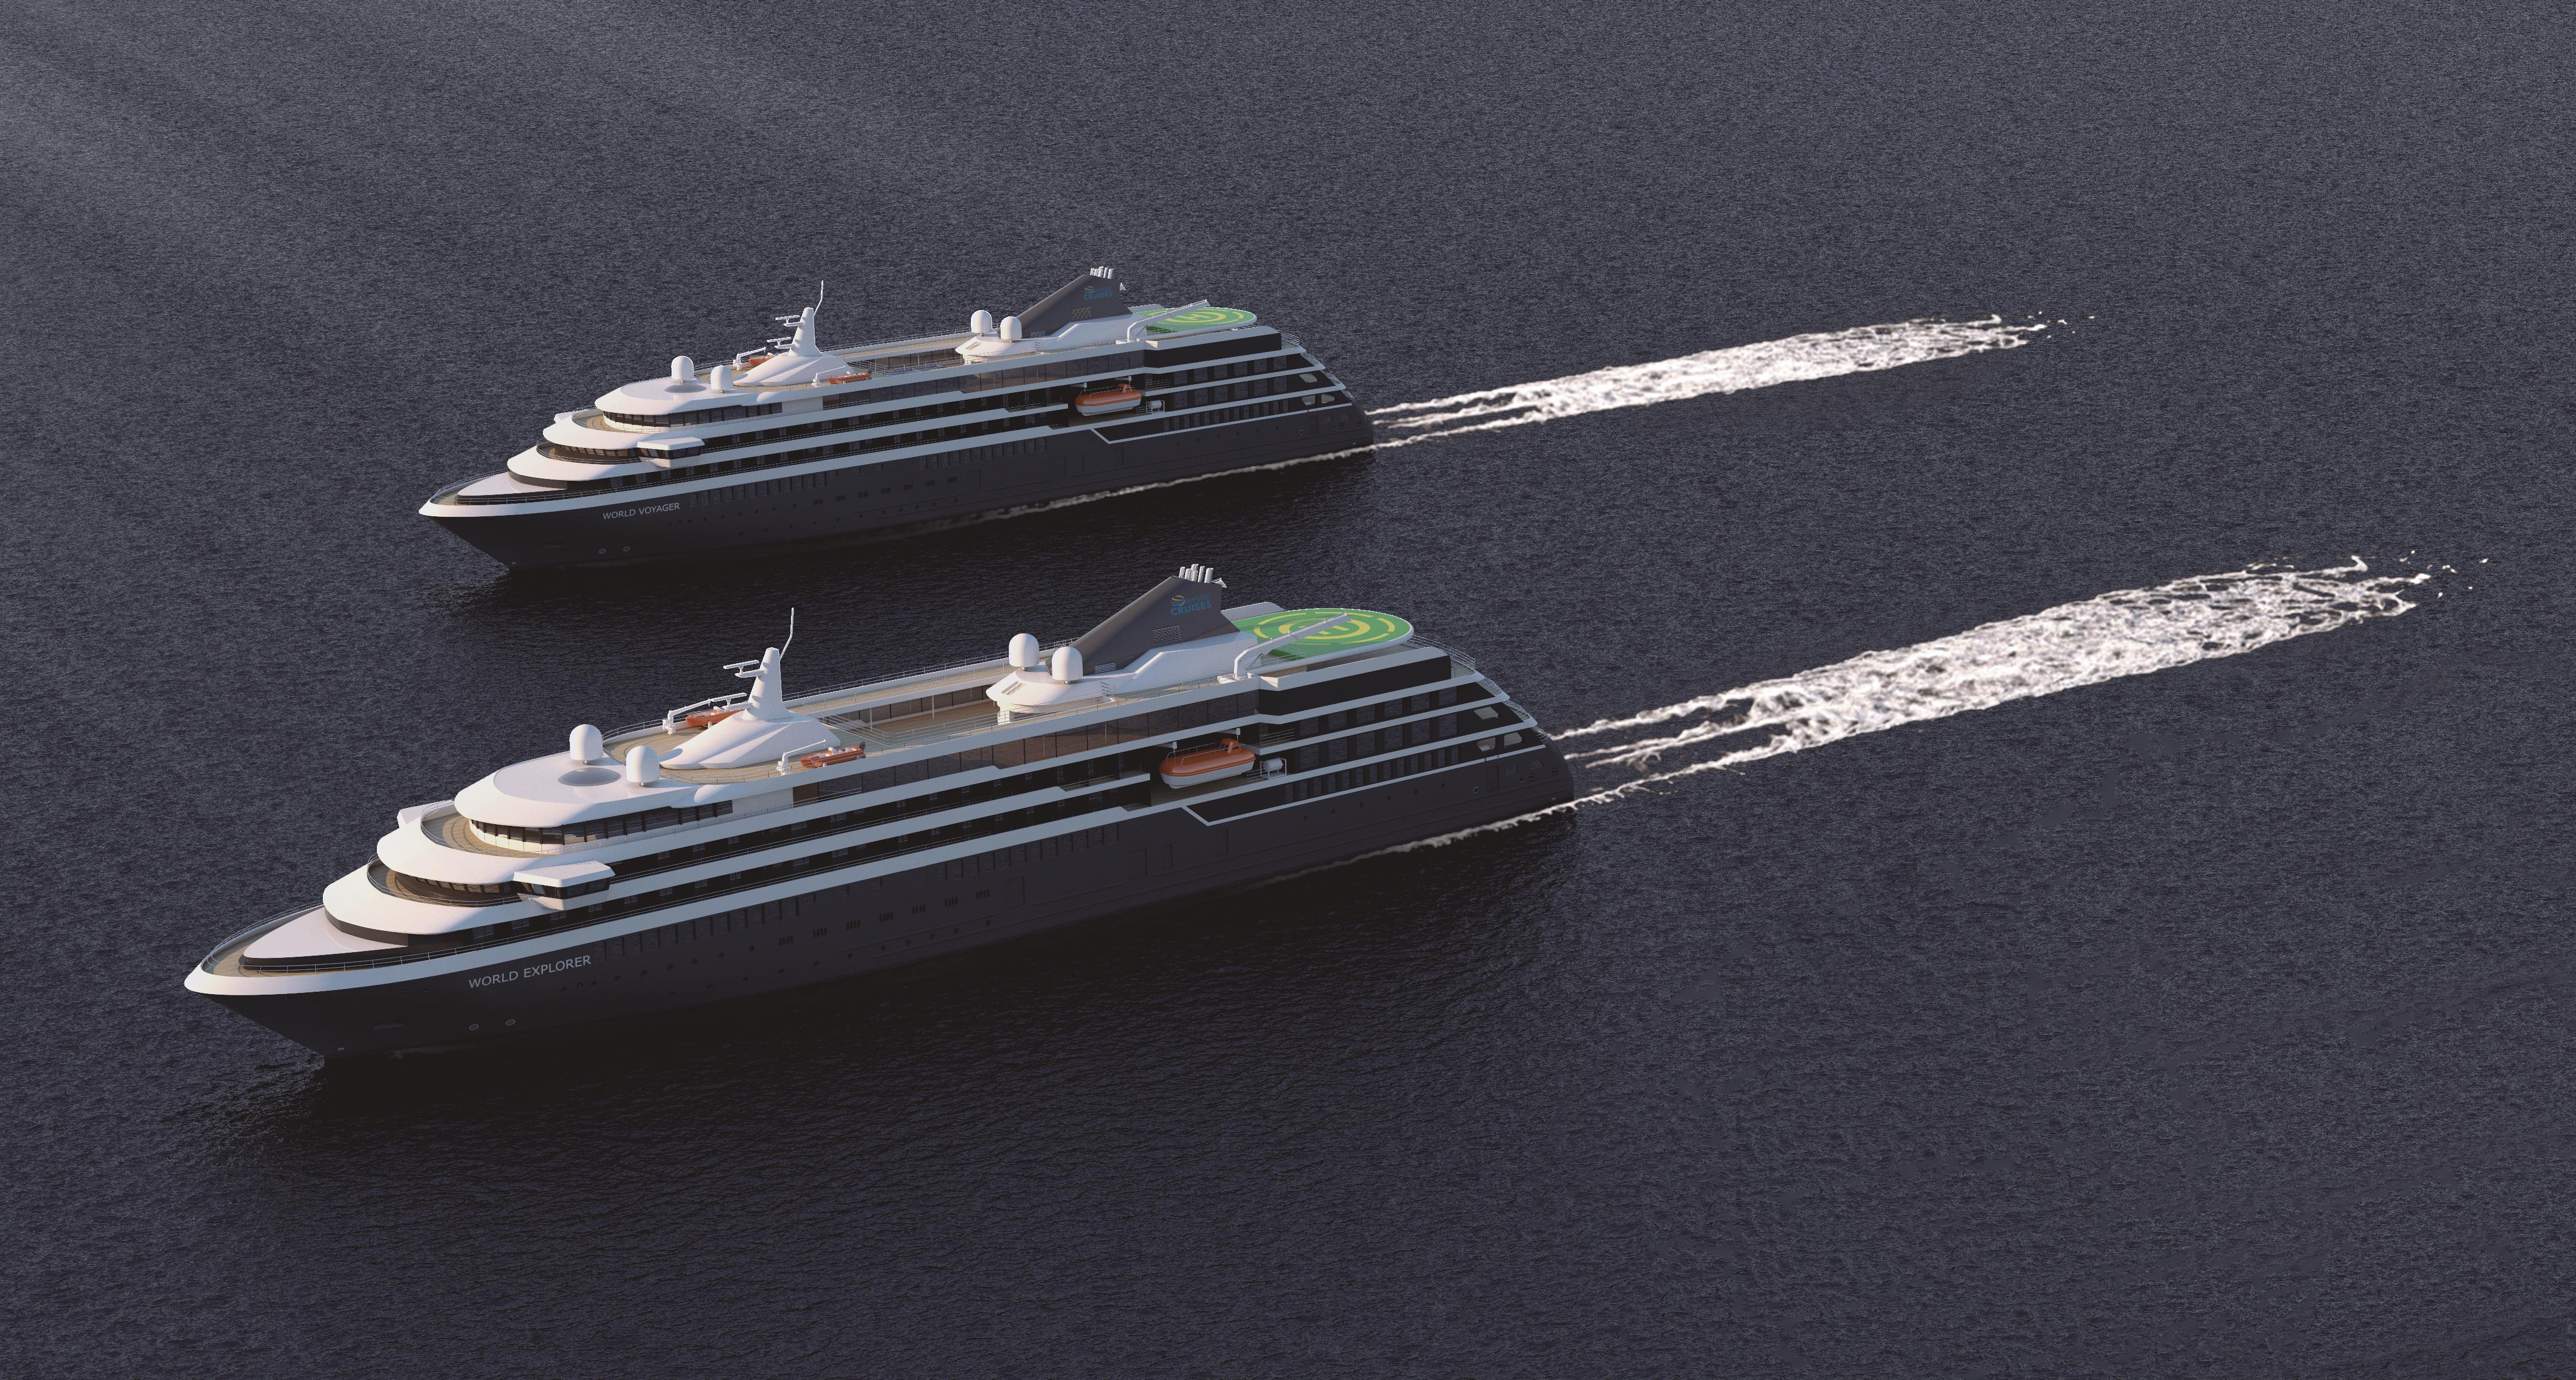 Der Stuttgarter Veranstalter nicko cruises bekommt ein zweites Hochseeschiff: Ab der Saison 2020 wird die World Voyager im Einsatz sein.